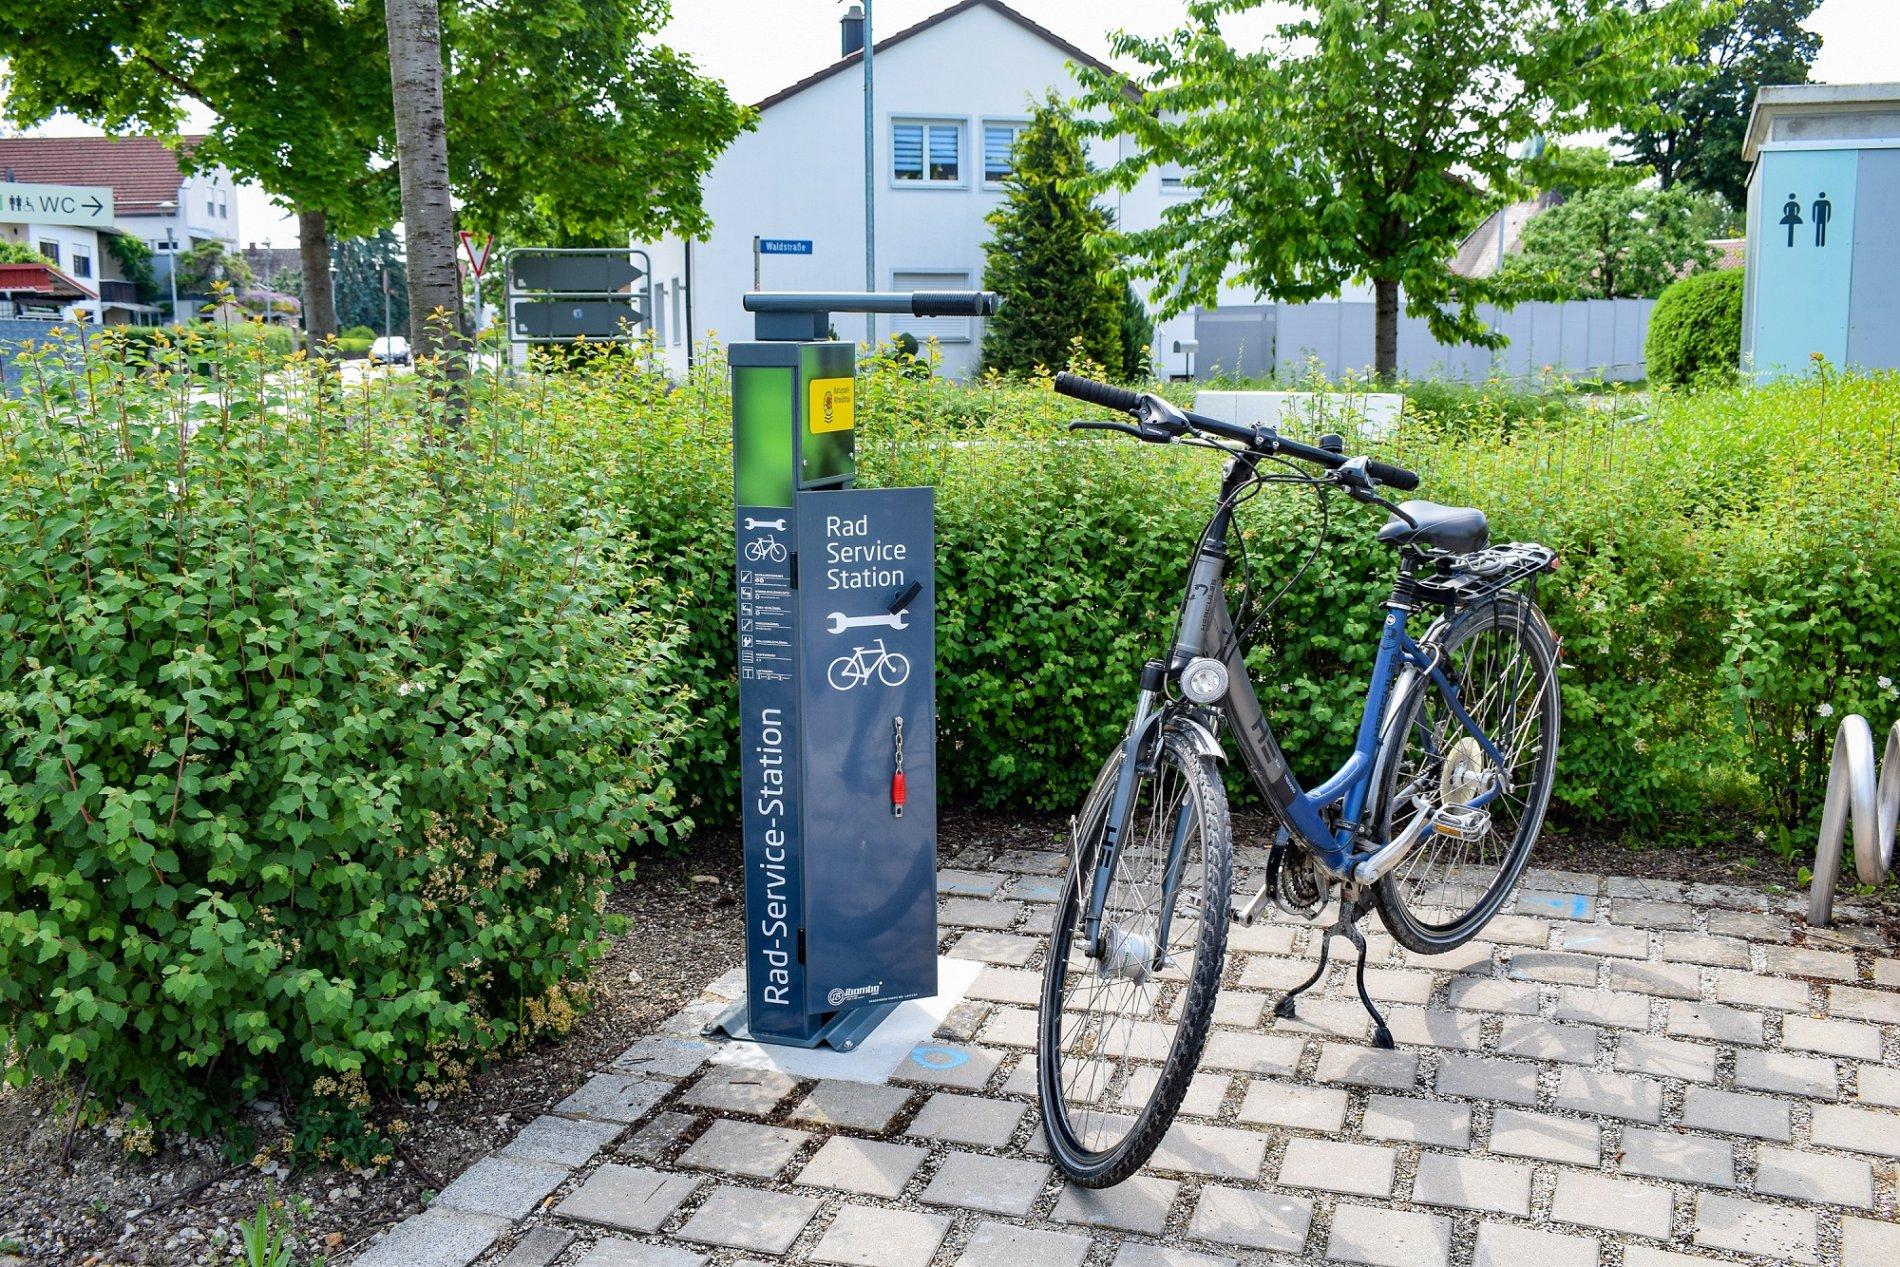 An der Radservice-Station in Bad Gögging können kleinere Reparaturen am Fahrrad vorgenommen werden.